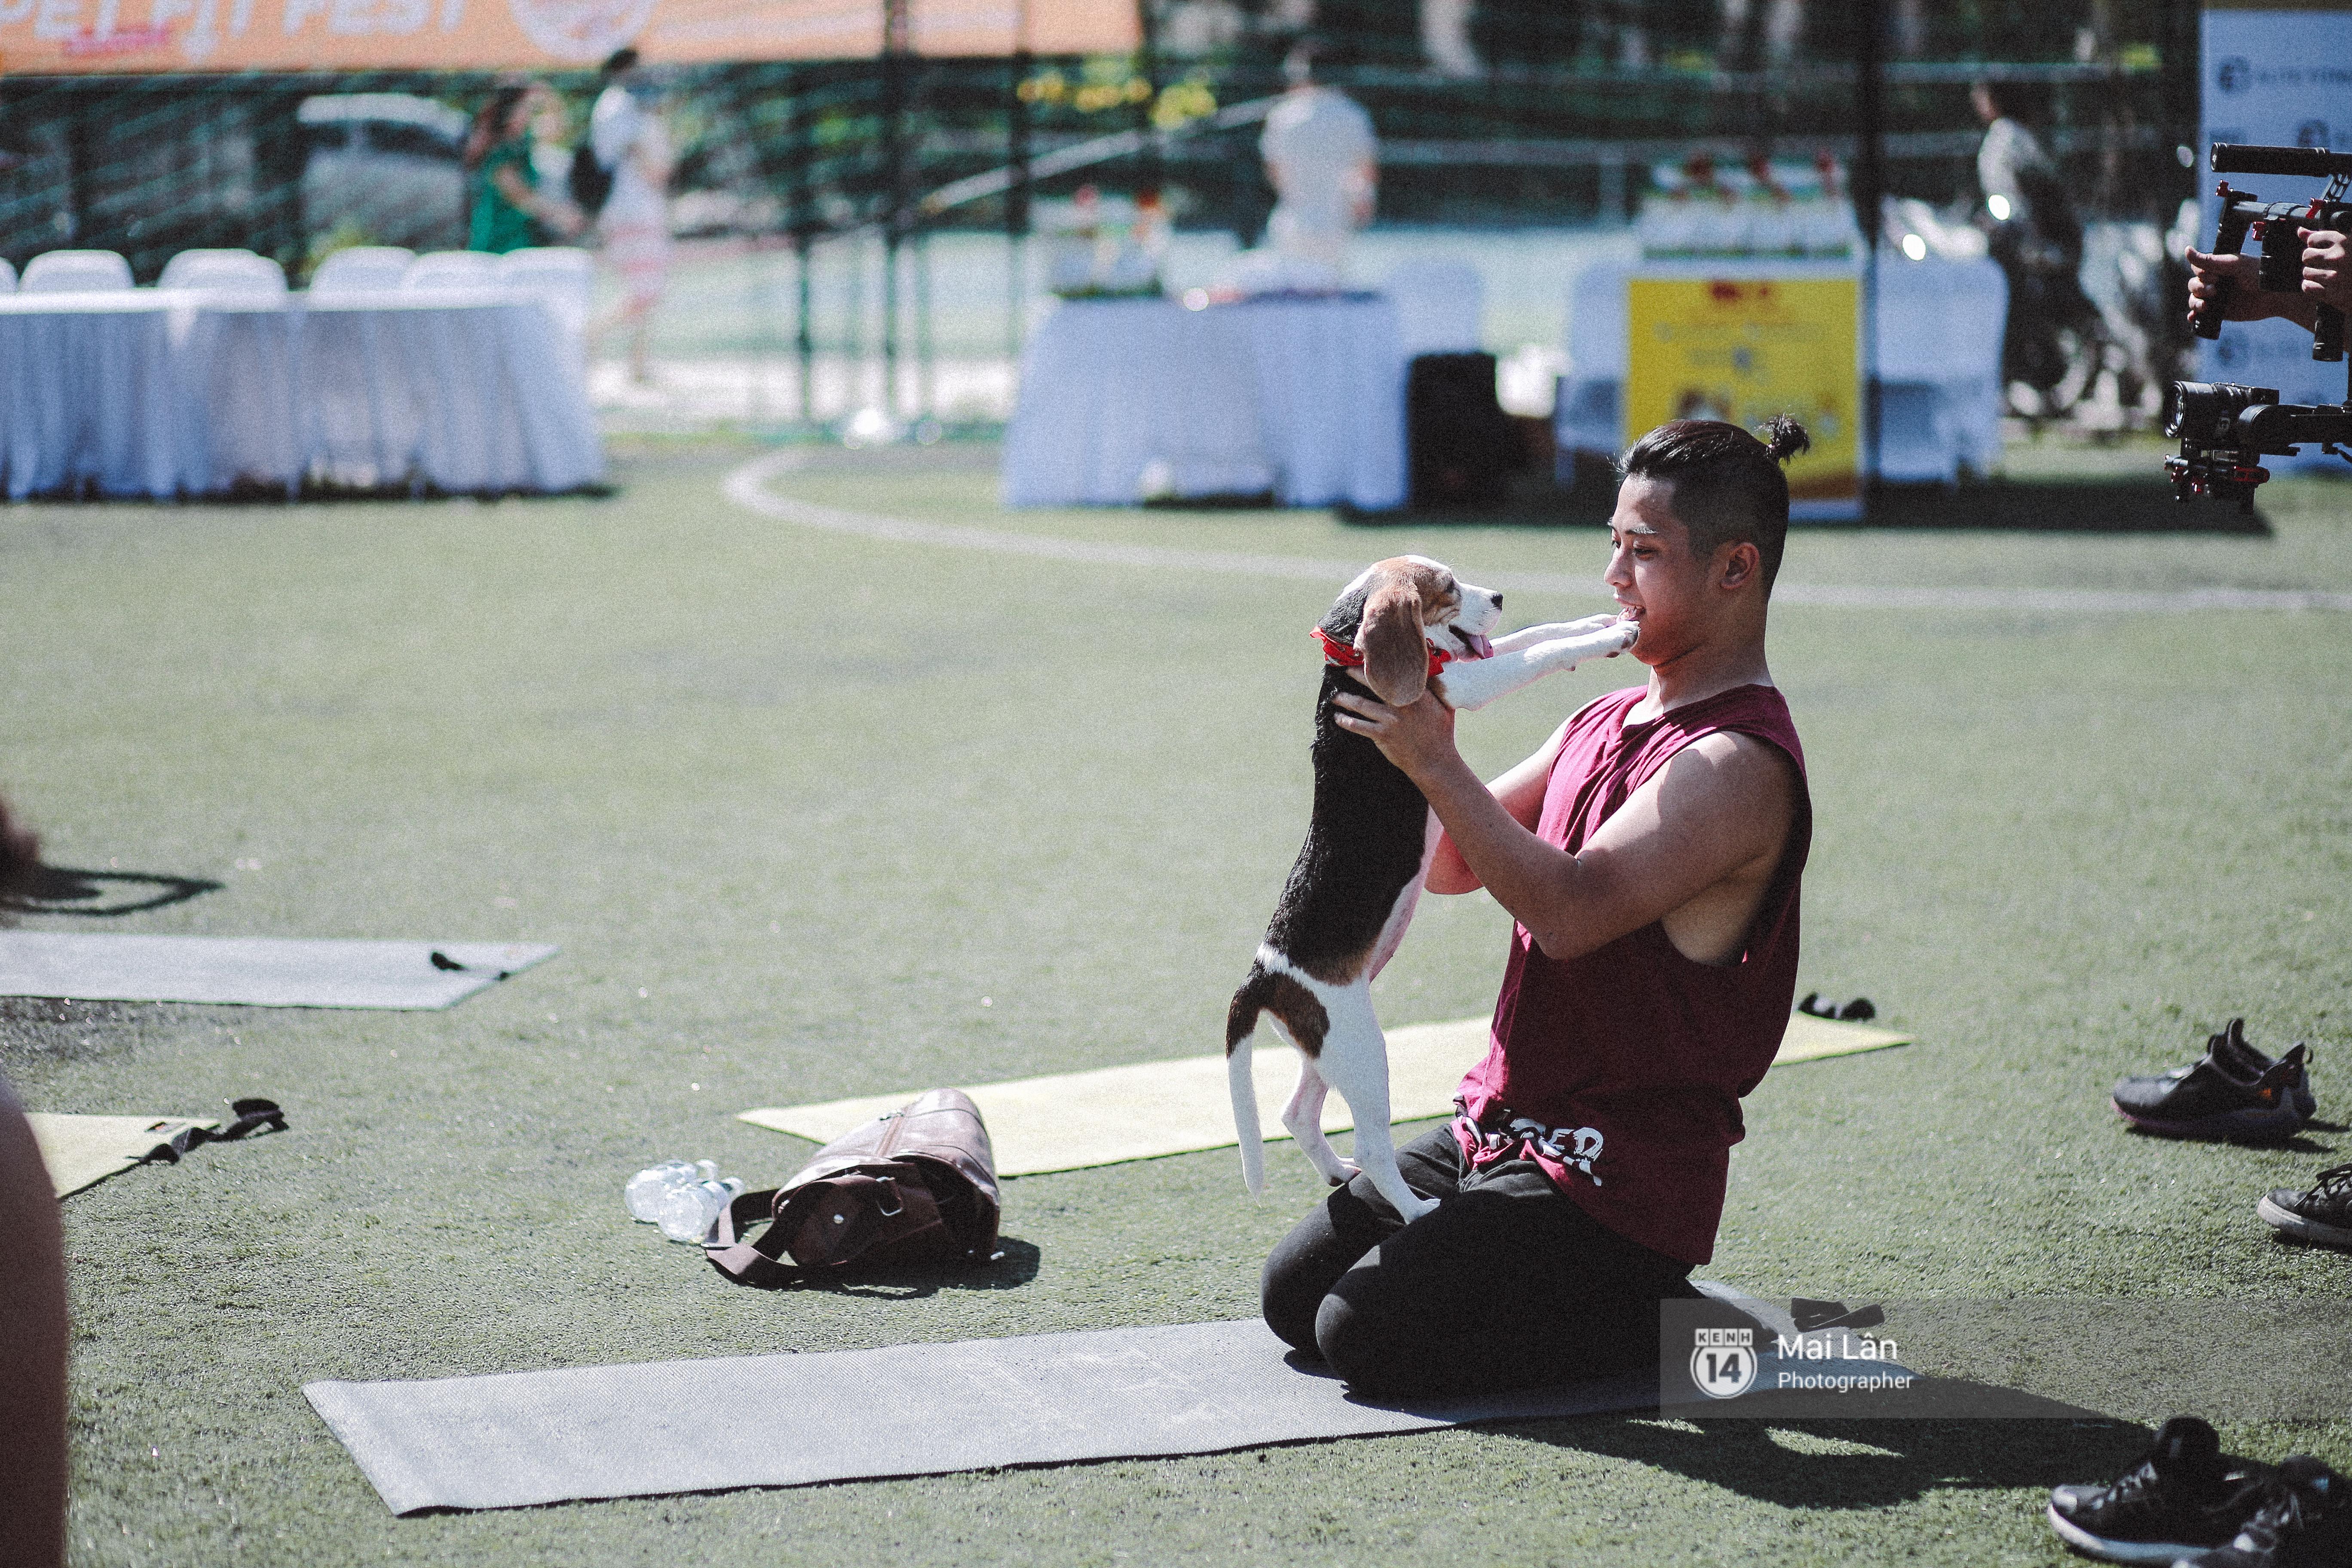 Lễ hội thể thao dành cho chủ và thú cưng độc đáo, đáng yêu nhất Hà Nội! - Ảnh 7.